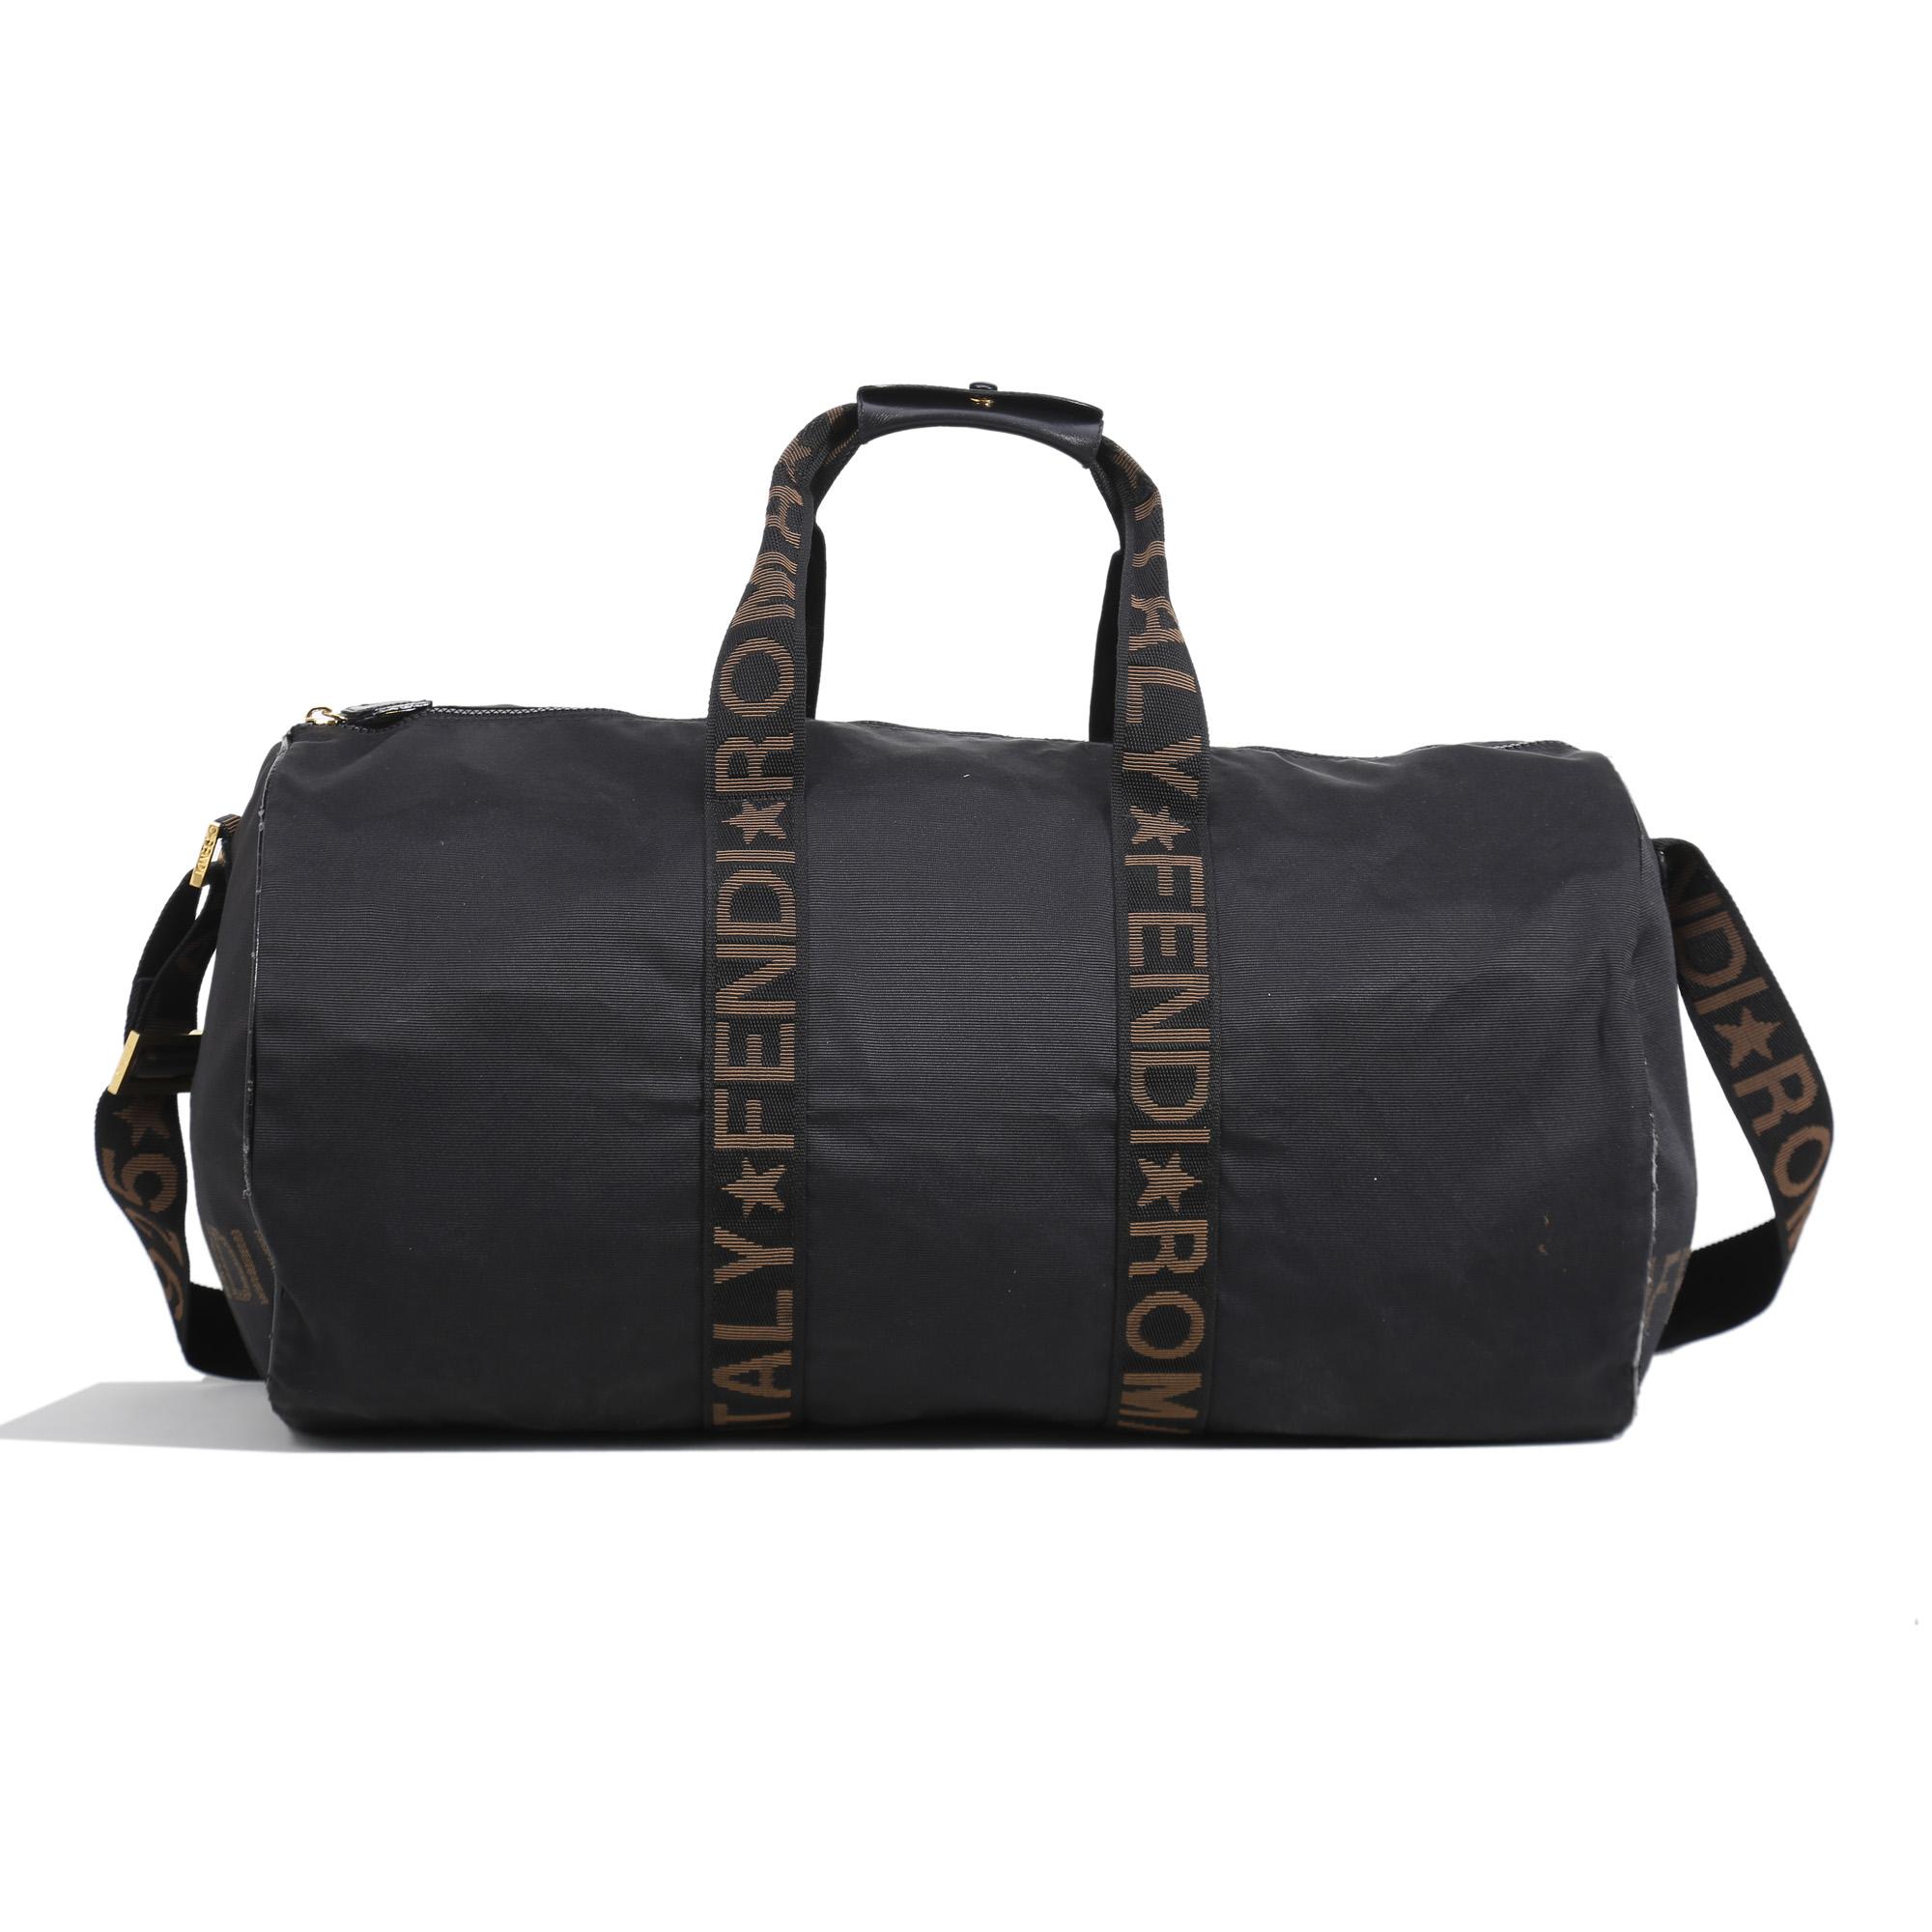 Carry On Luggage Fendi